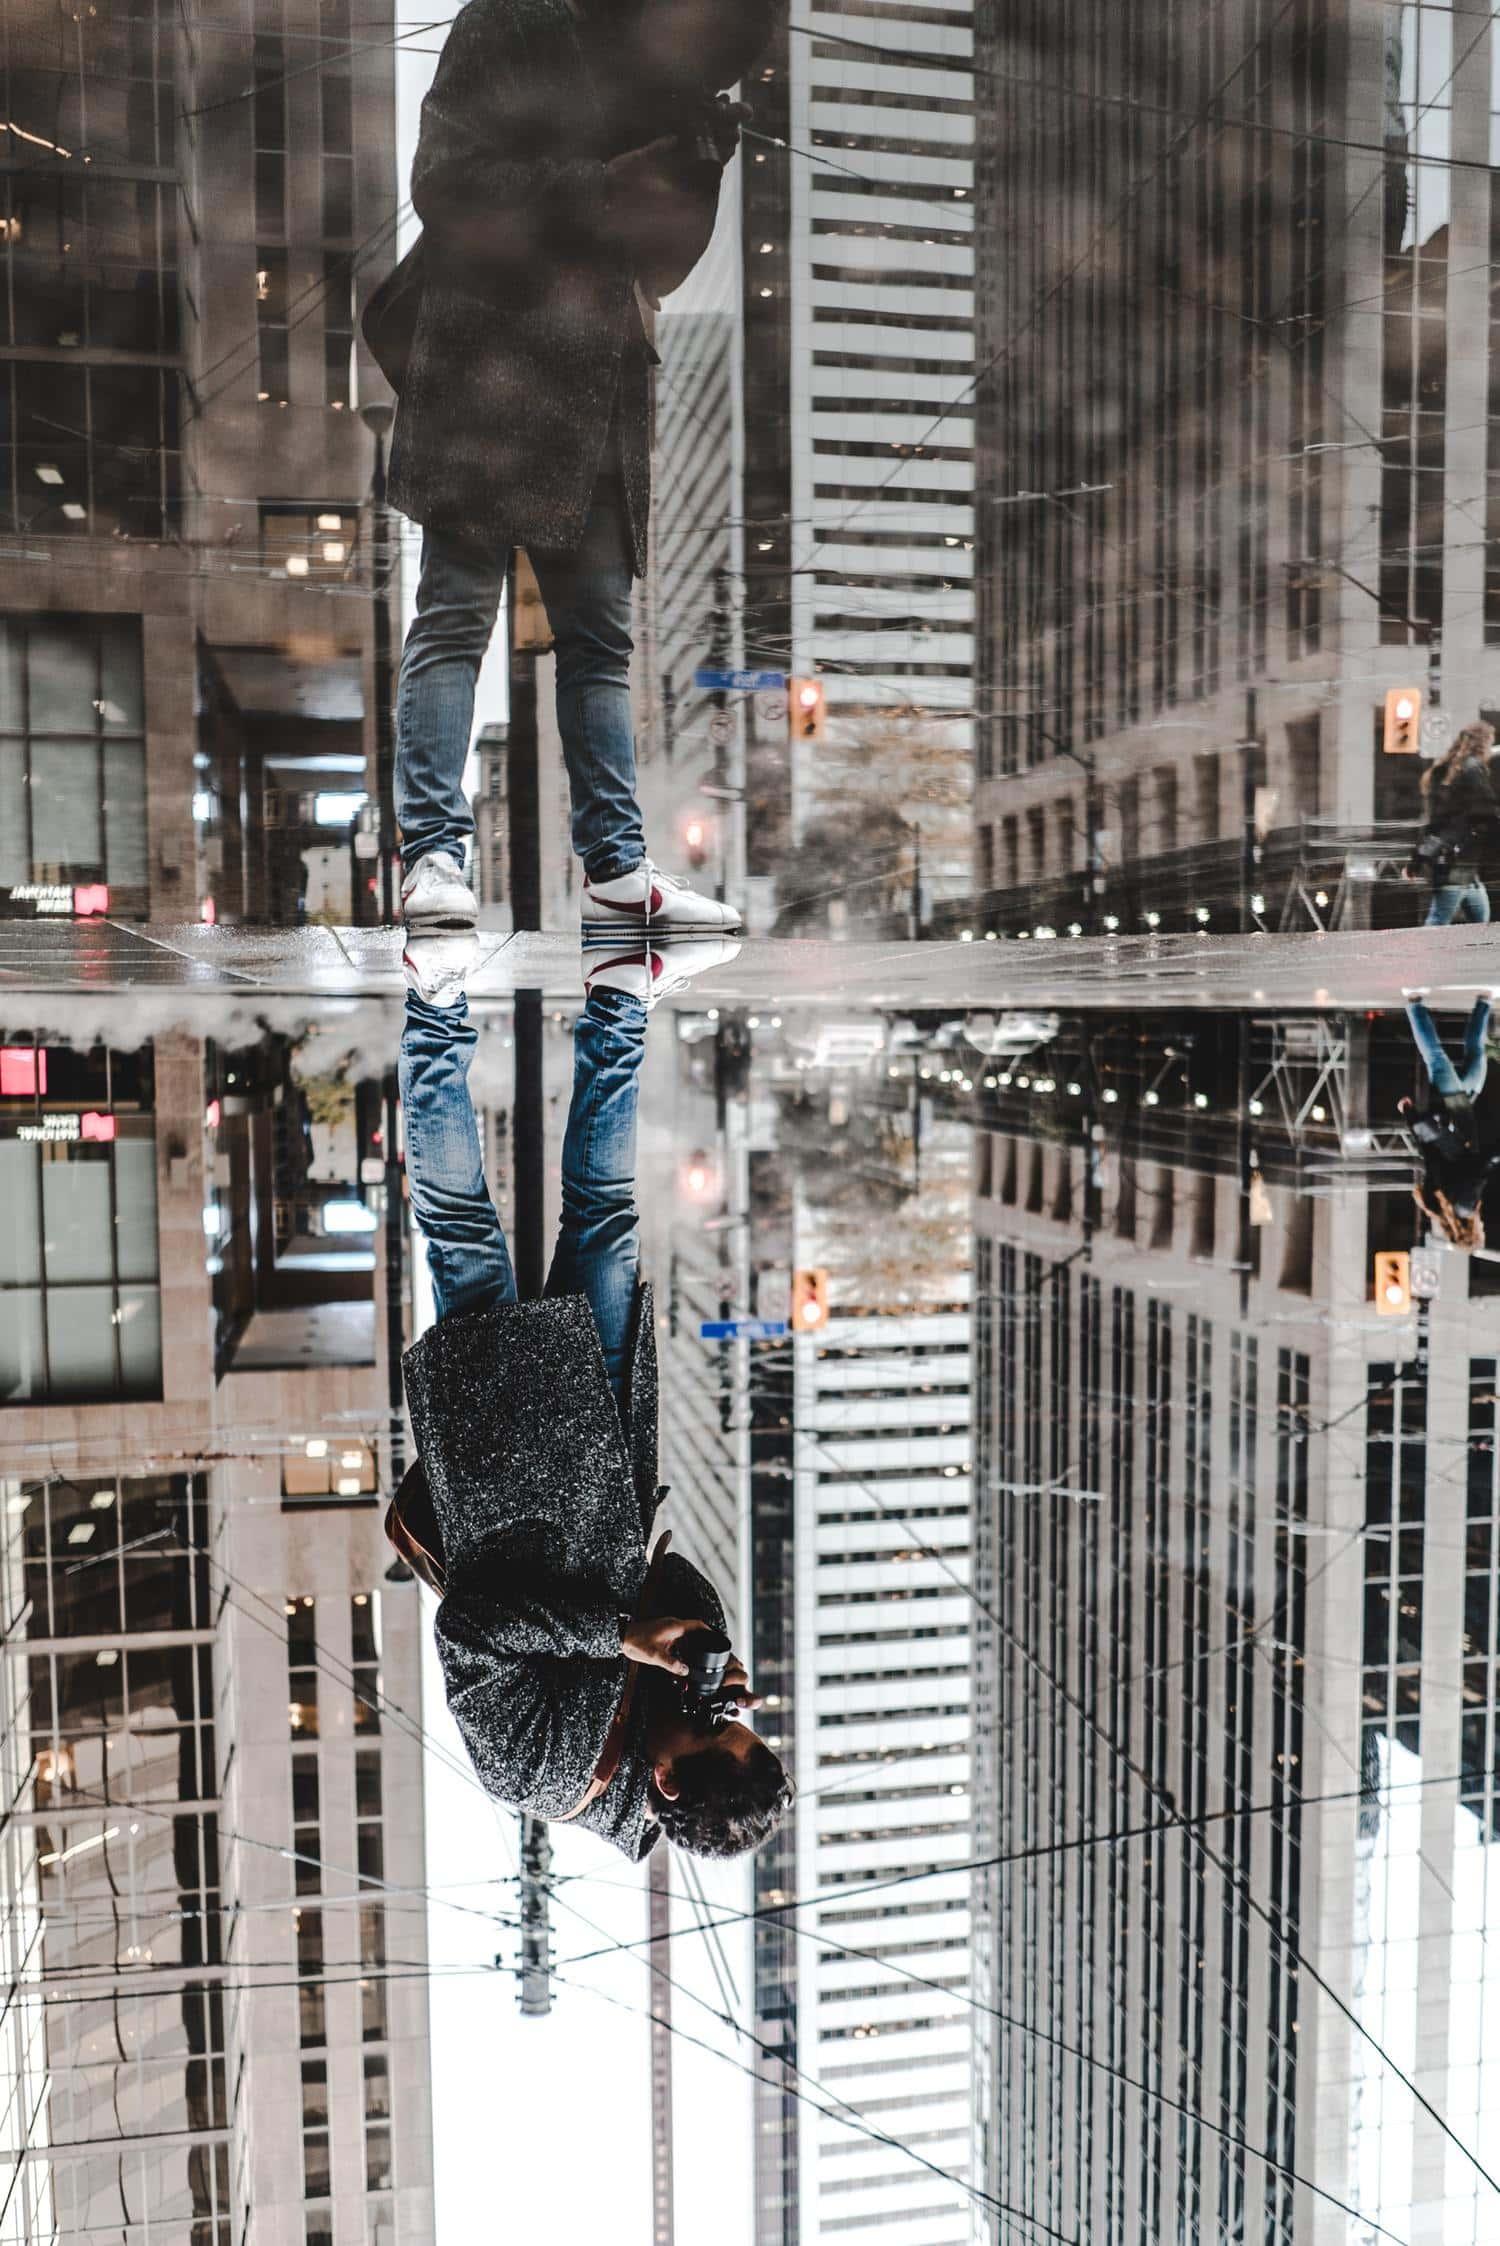 Fotógrafo capturando un reflejo en un charco